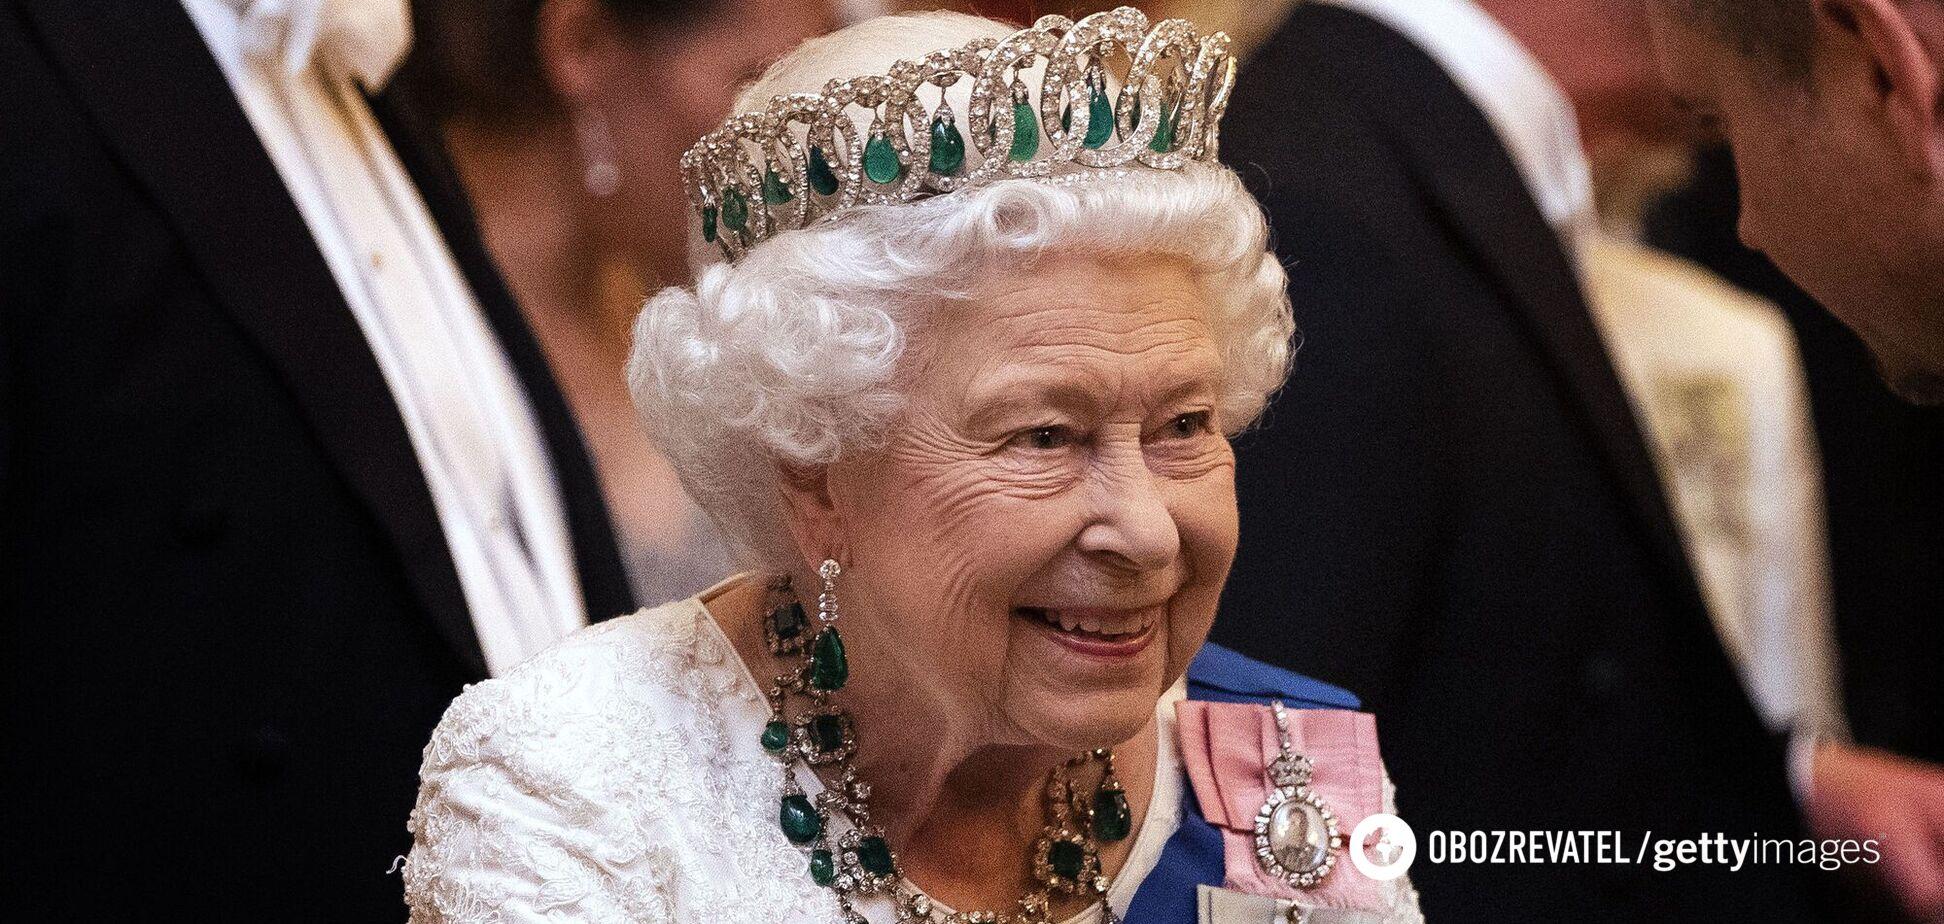 Опубликованы архивные фото с Елизаветой II из нового фильма о ней